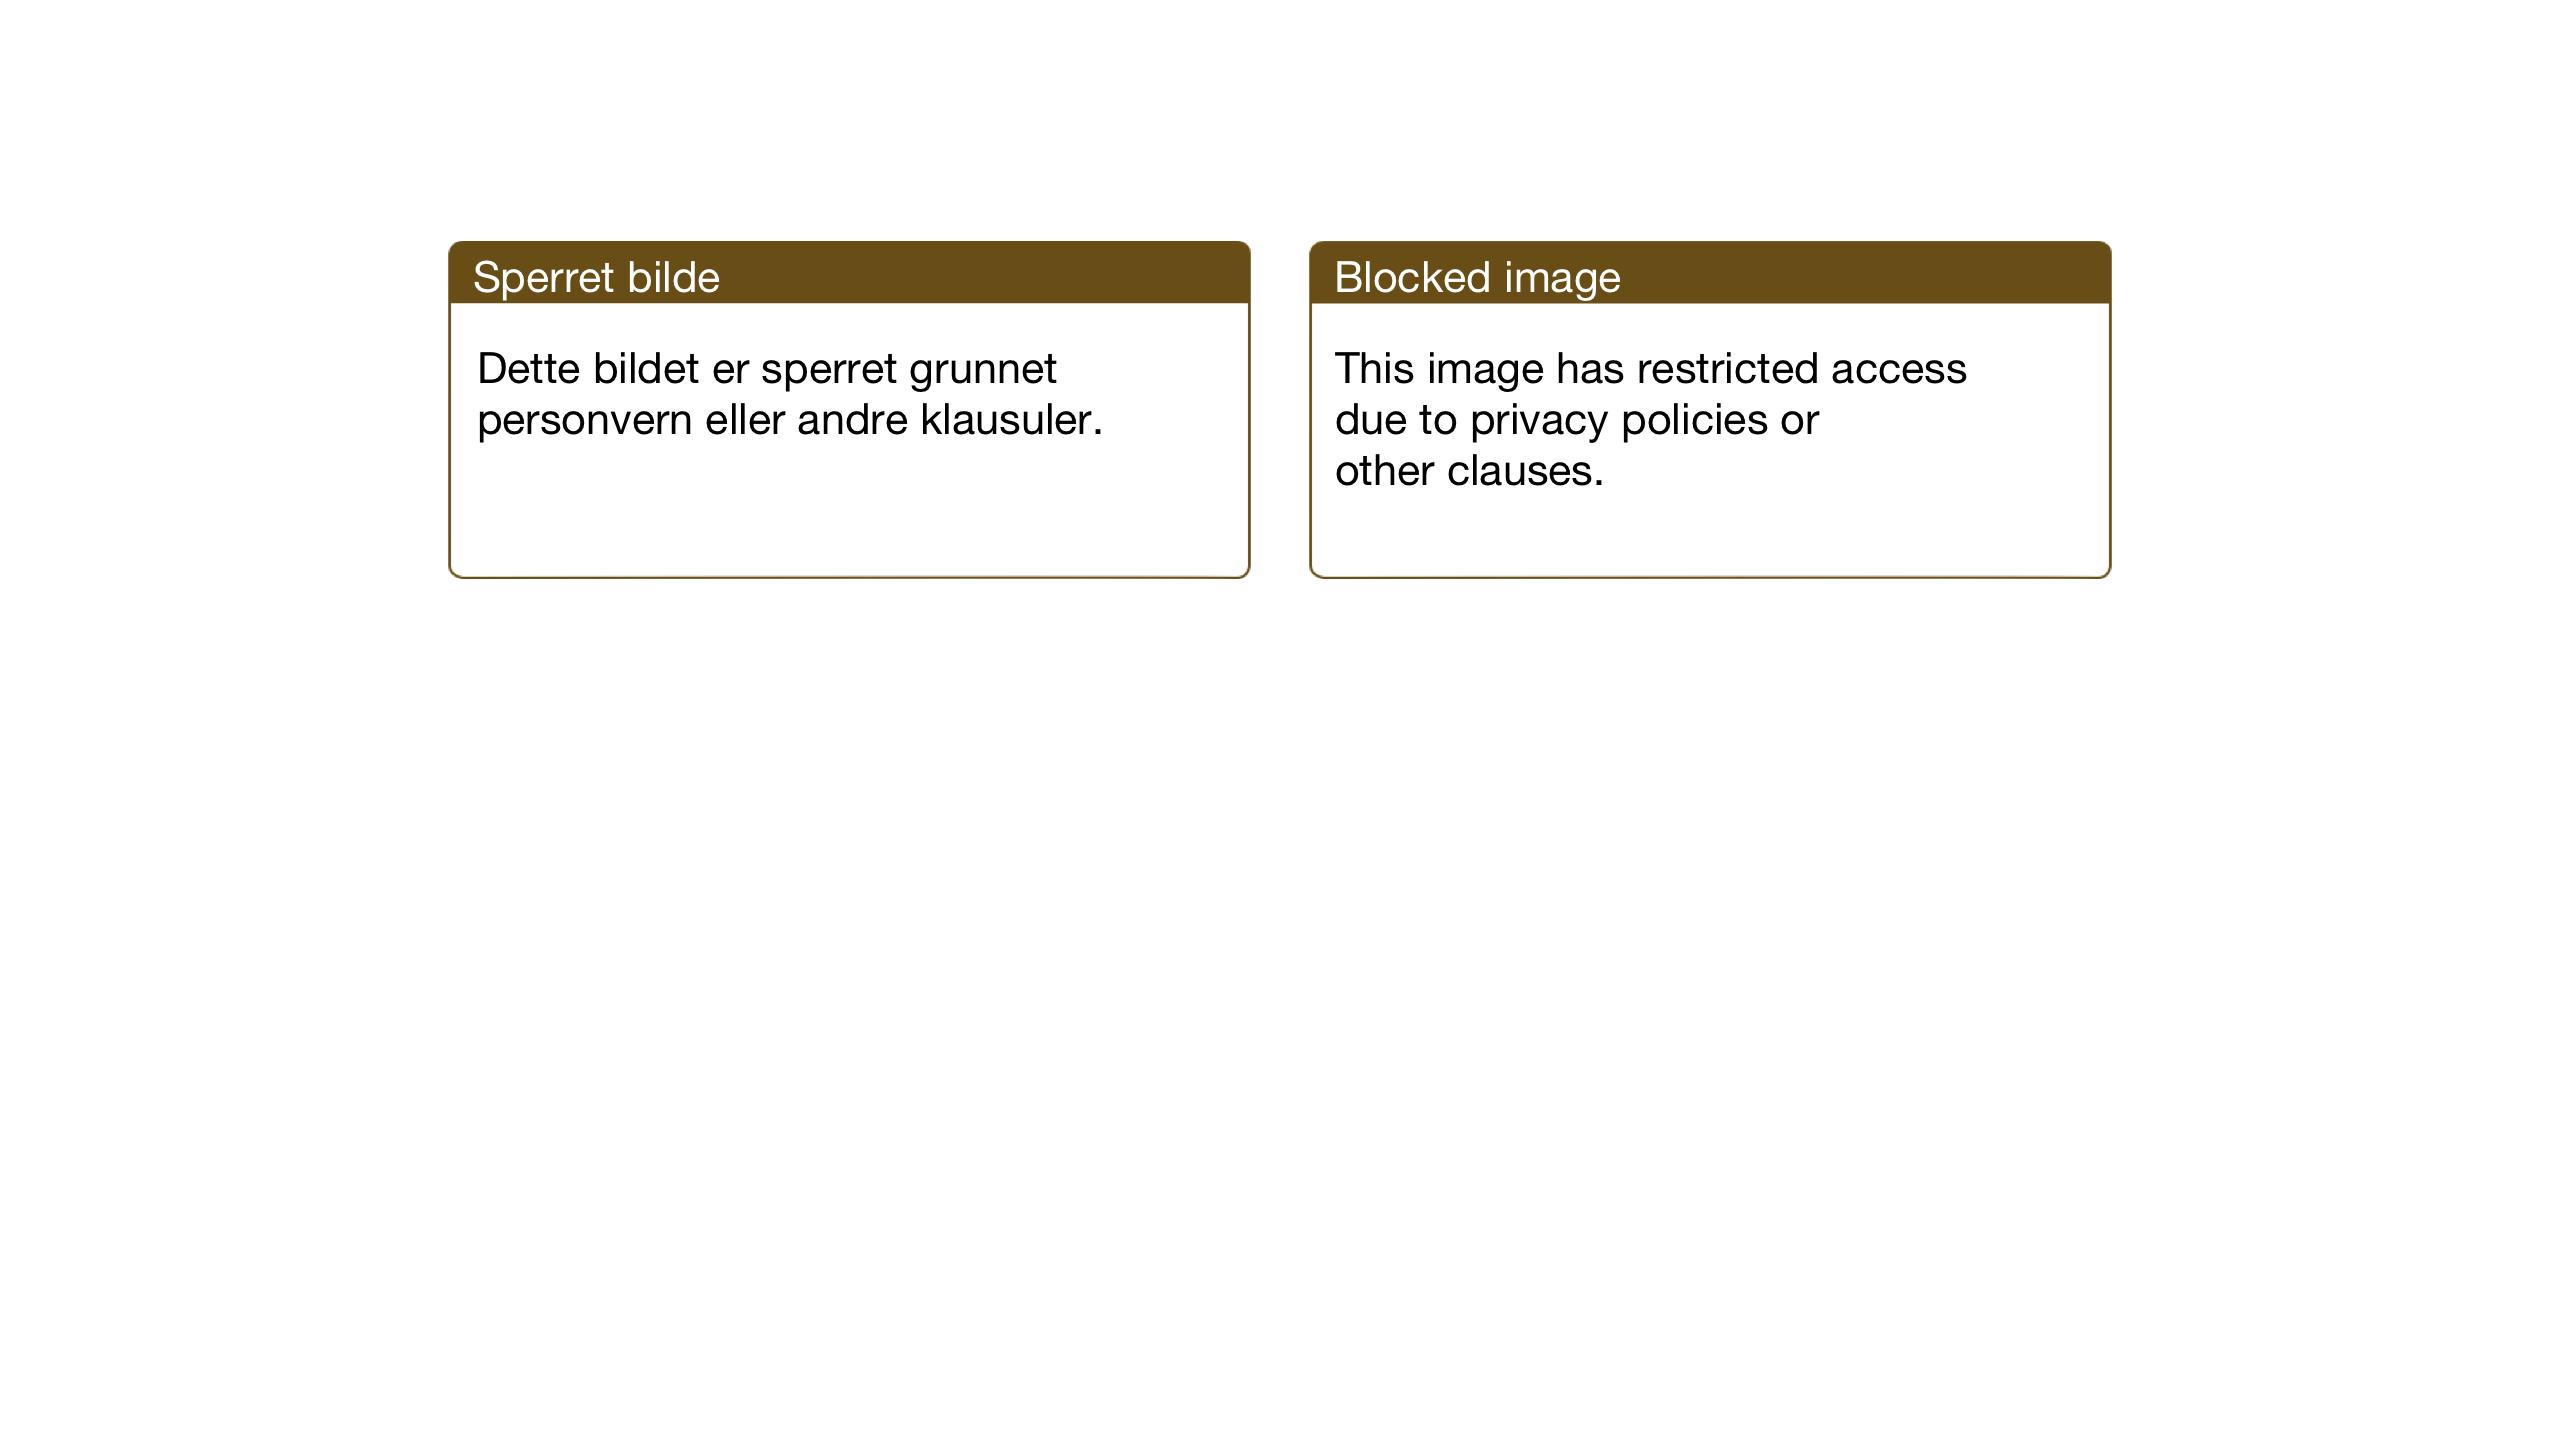 SAT, Ministerialprotokoller, klokkerbøker og fødselsregistre - Nord-Trøndelag, 746/L0456: Klokkerbok nr. 746C02, 1936-1948, s. 4